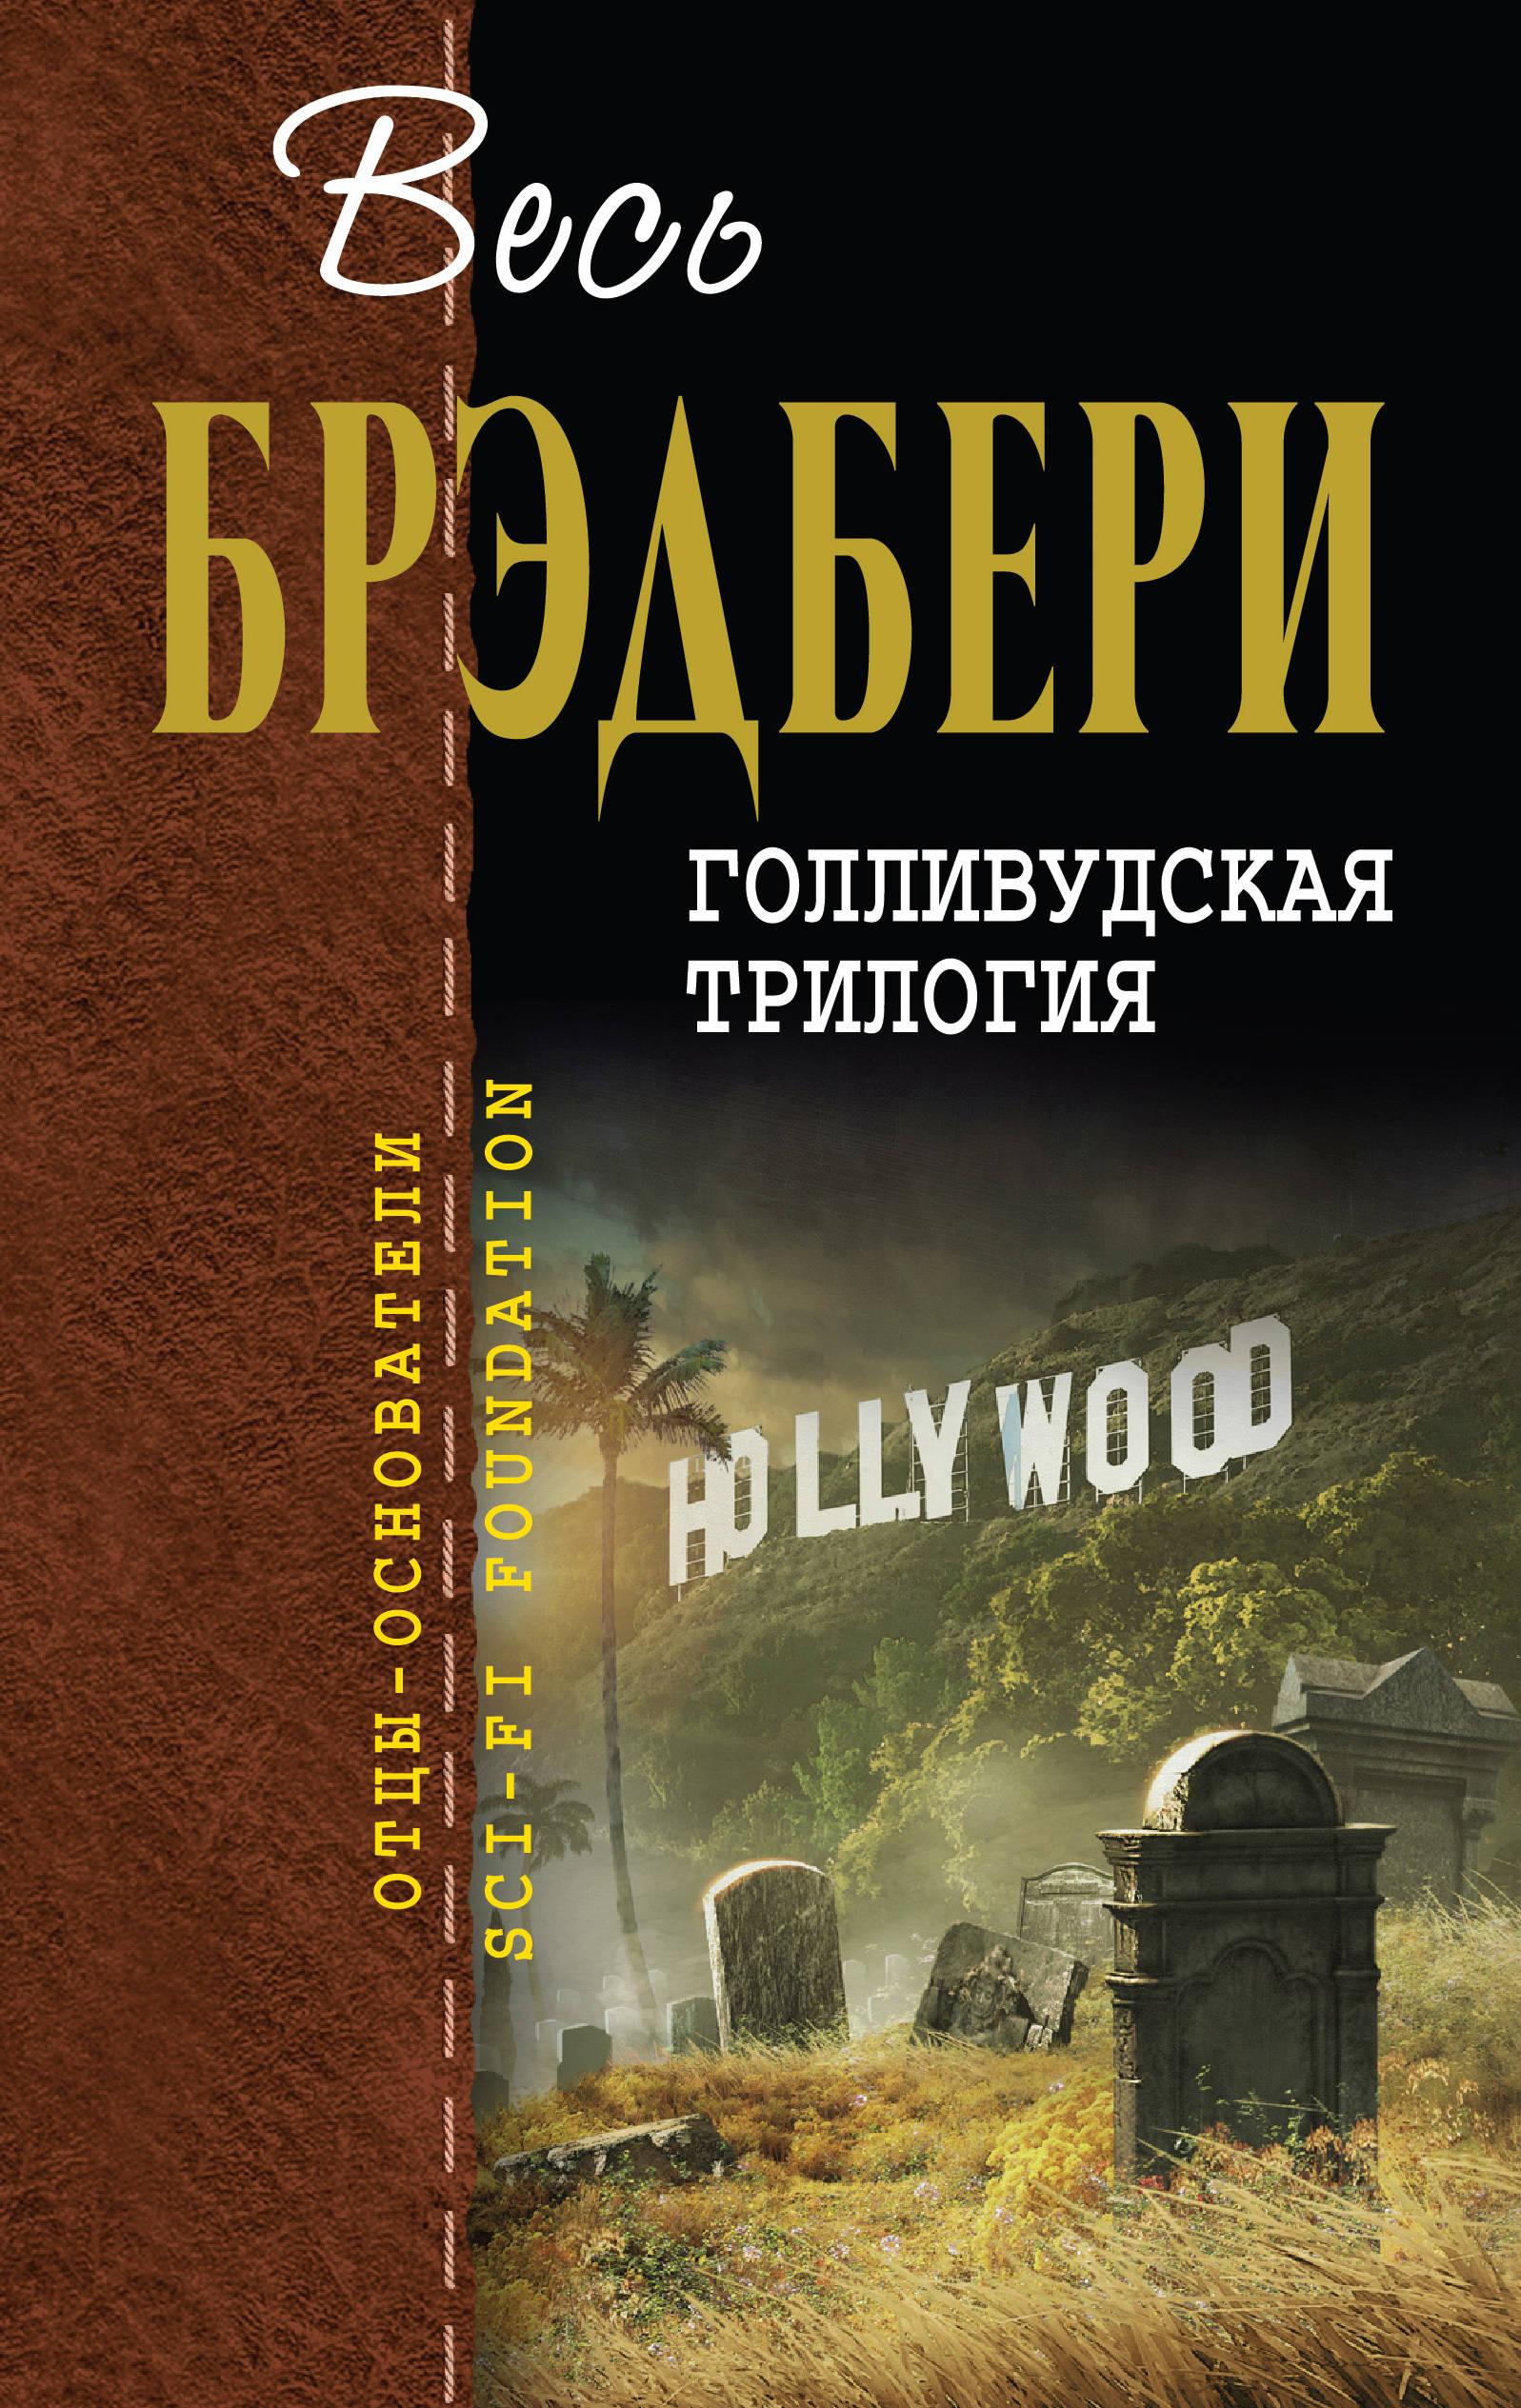 Голливудская трилогия